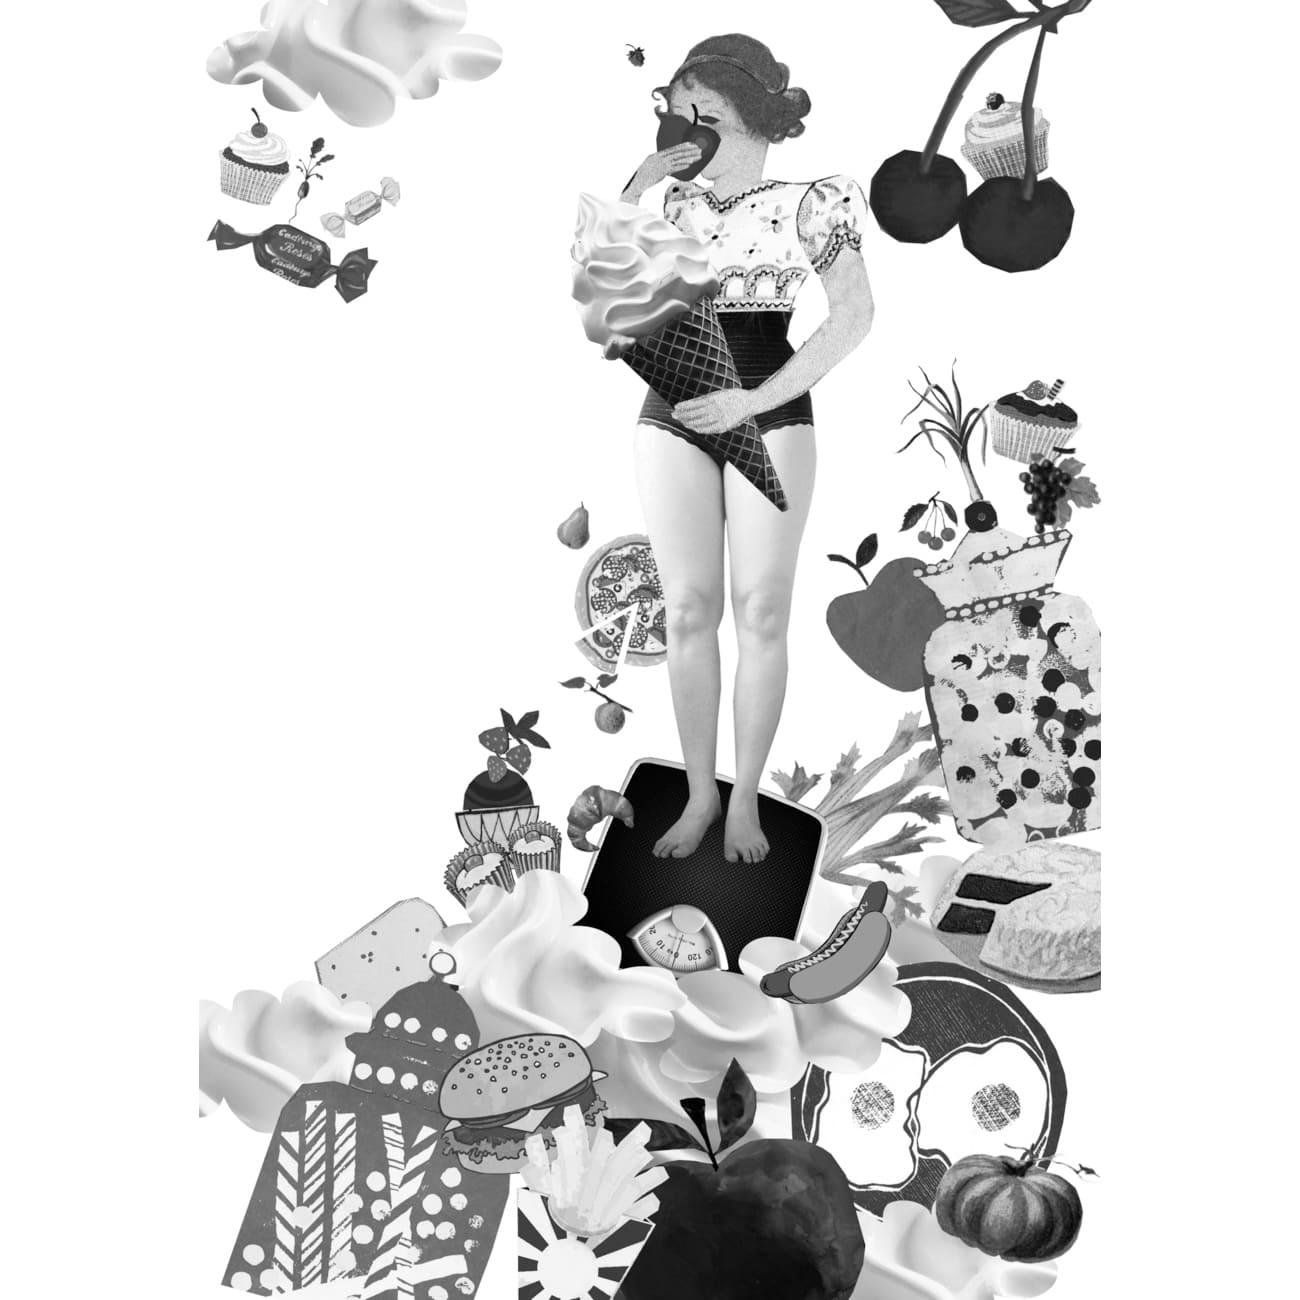 Origineel uniek feest vintage retro poesie nostalgie gezellig vrolijk kleurrijk stoer schattig nostalgisch kraamcadeau verjaardagscadeau art kunst illustratie illustration gouden boekje kijkplaat zoekprent zoekplaat zoekboek kinderboek reizen gepersonaliseerd festival reizen safari flamingo grootzus groot zus fantasie aantrekkelijk poesie zwartwit zwart wit illustratie jeugdzorg jeugdhulp ggz ADHD depressie stoornis anorexia autisme beeld collage FC verhulst minder- en jeugdpsychiatrie